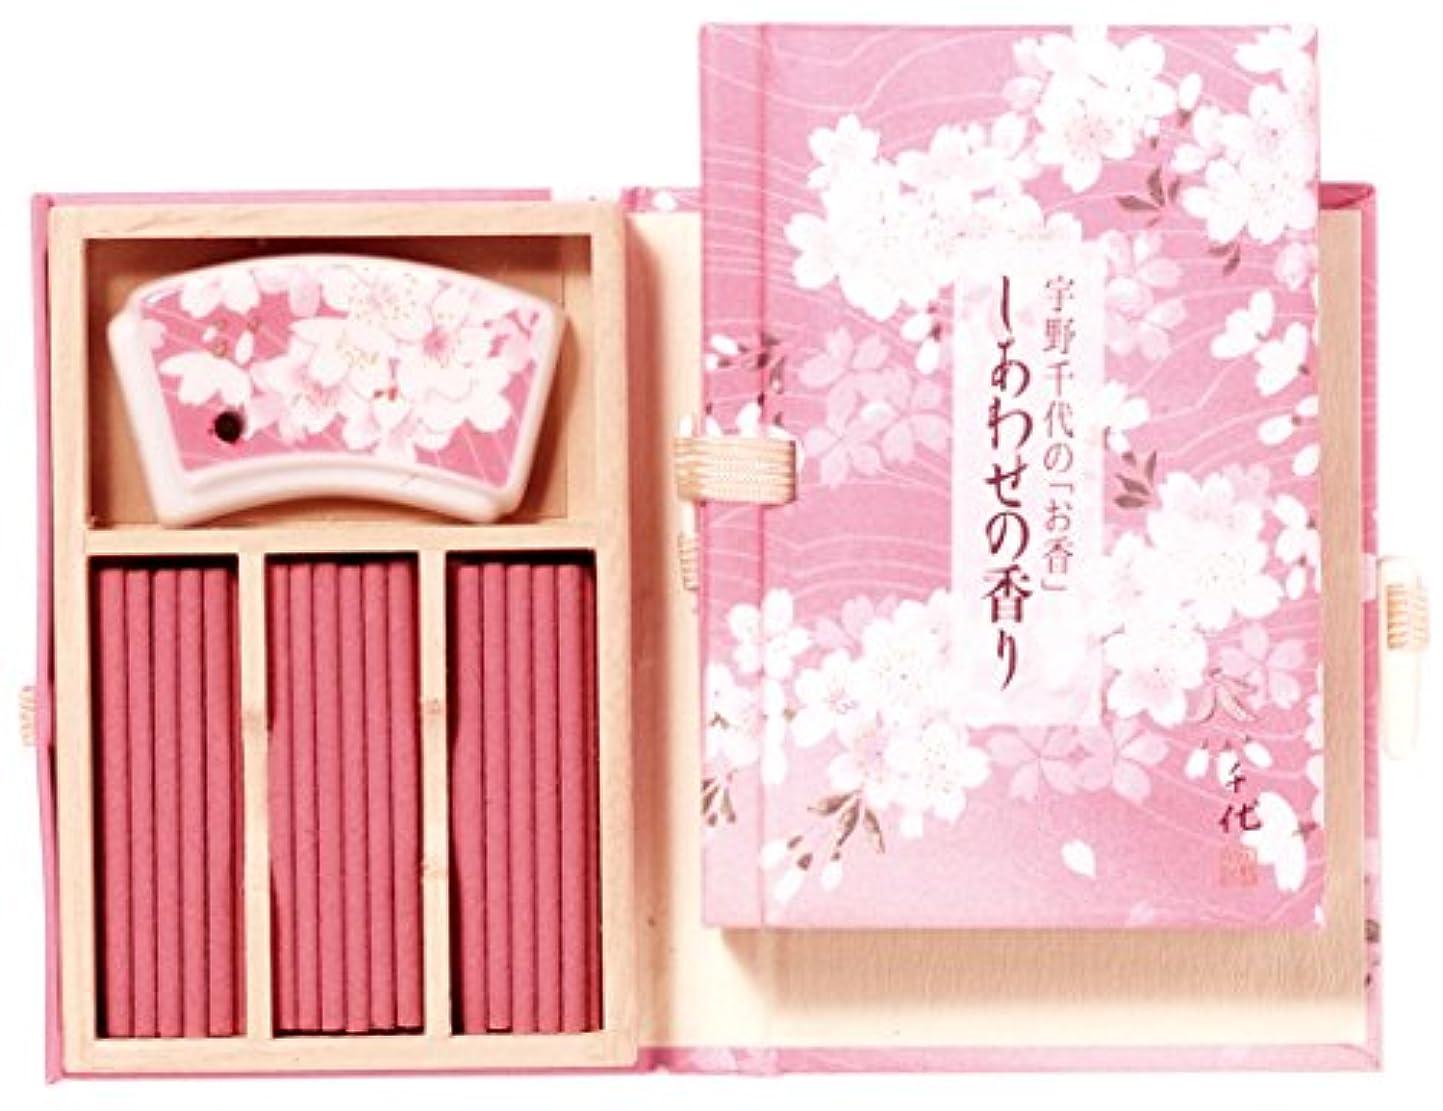 脚本露出度の高い貫入宇野千代 しあわせの香り スティック36本(桜香立付)